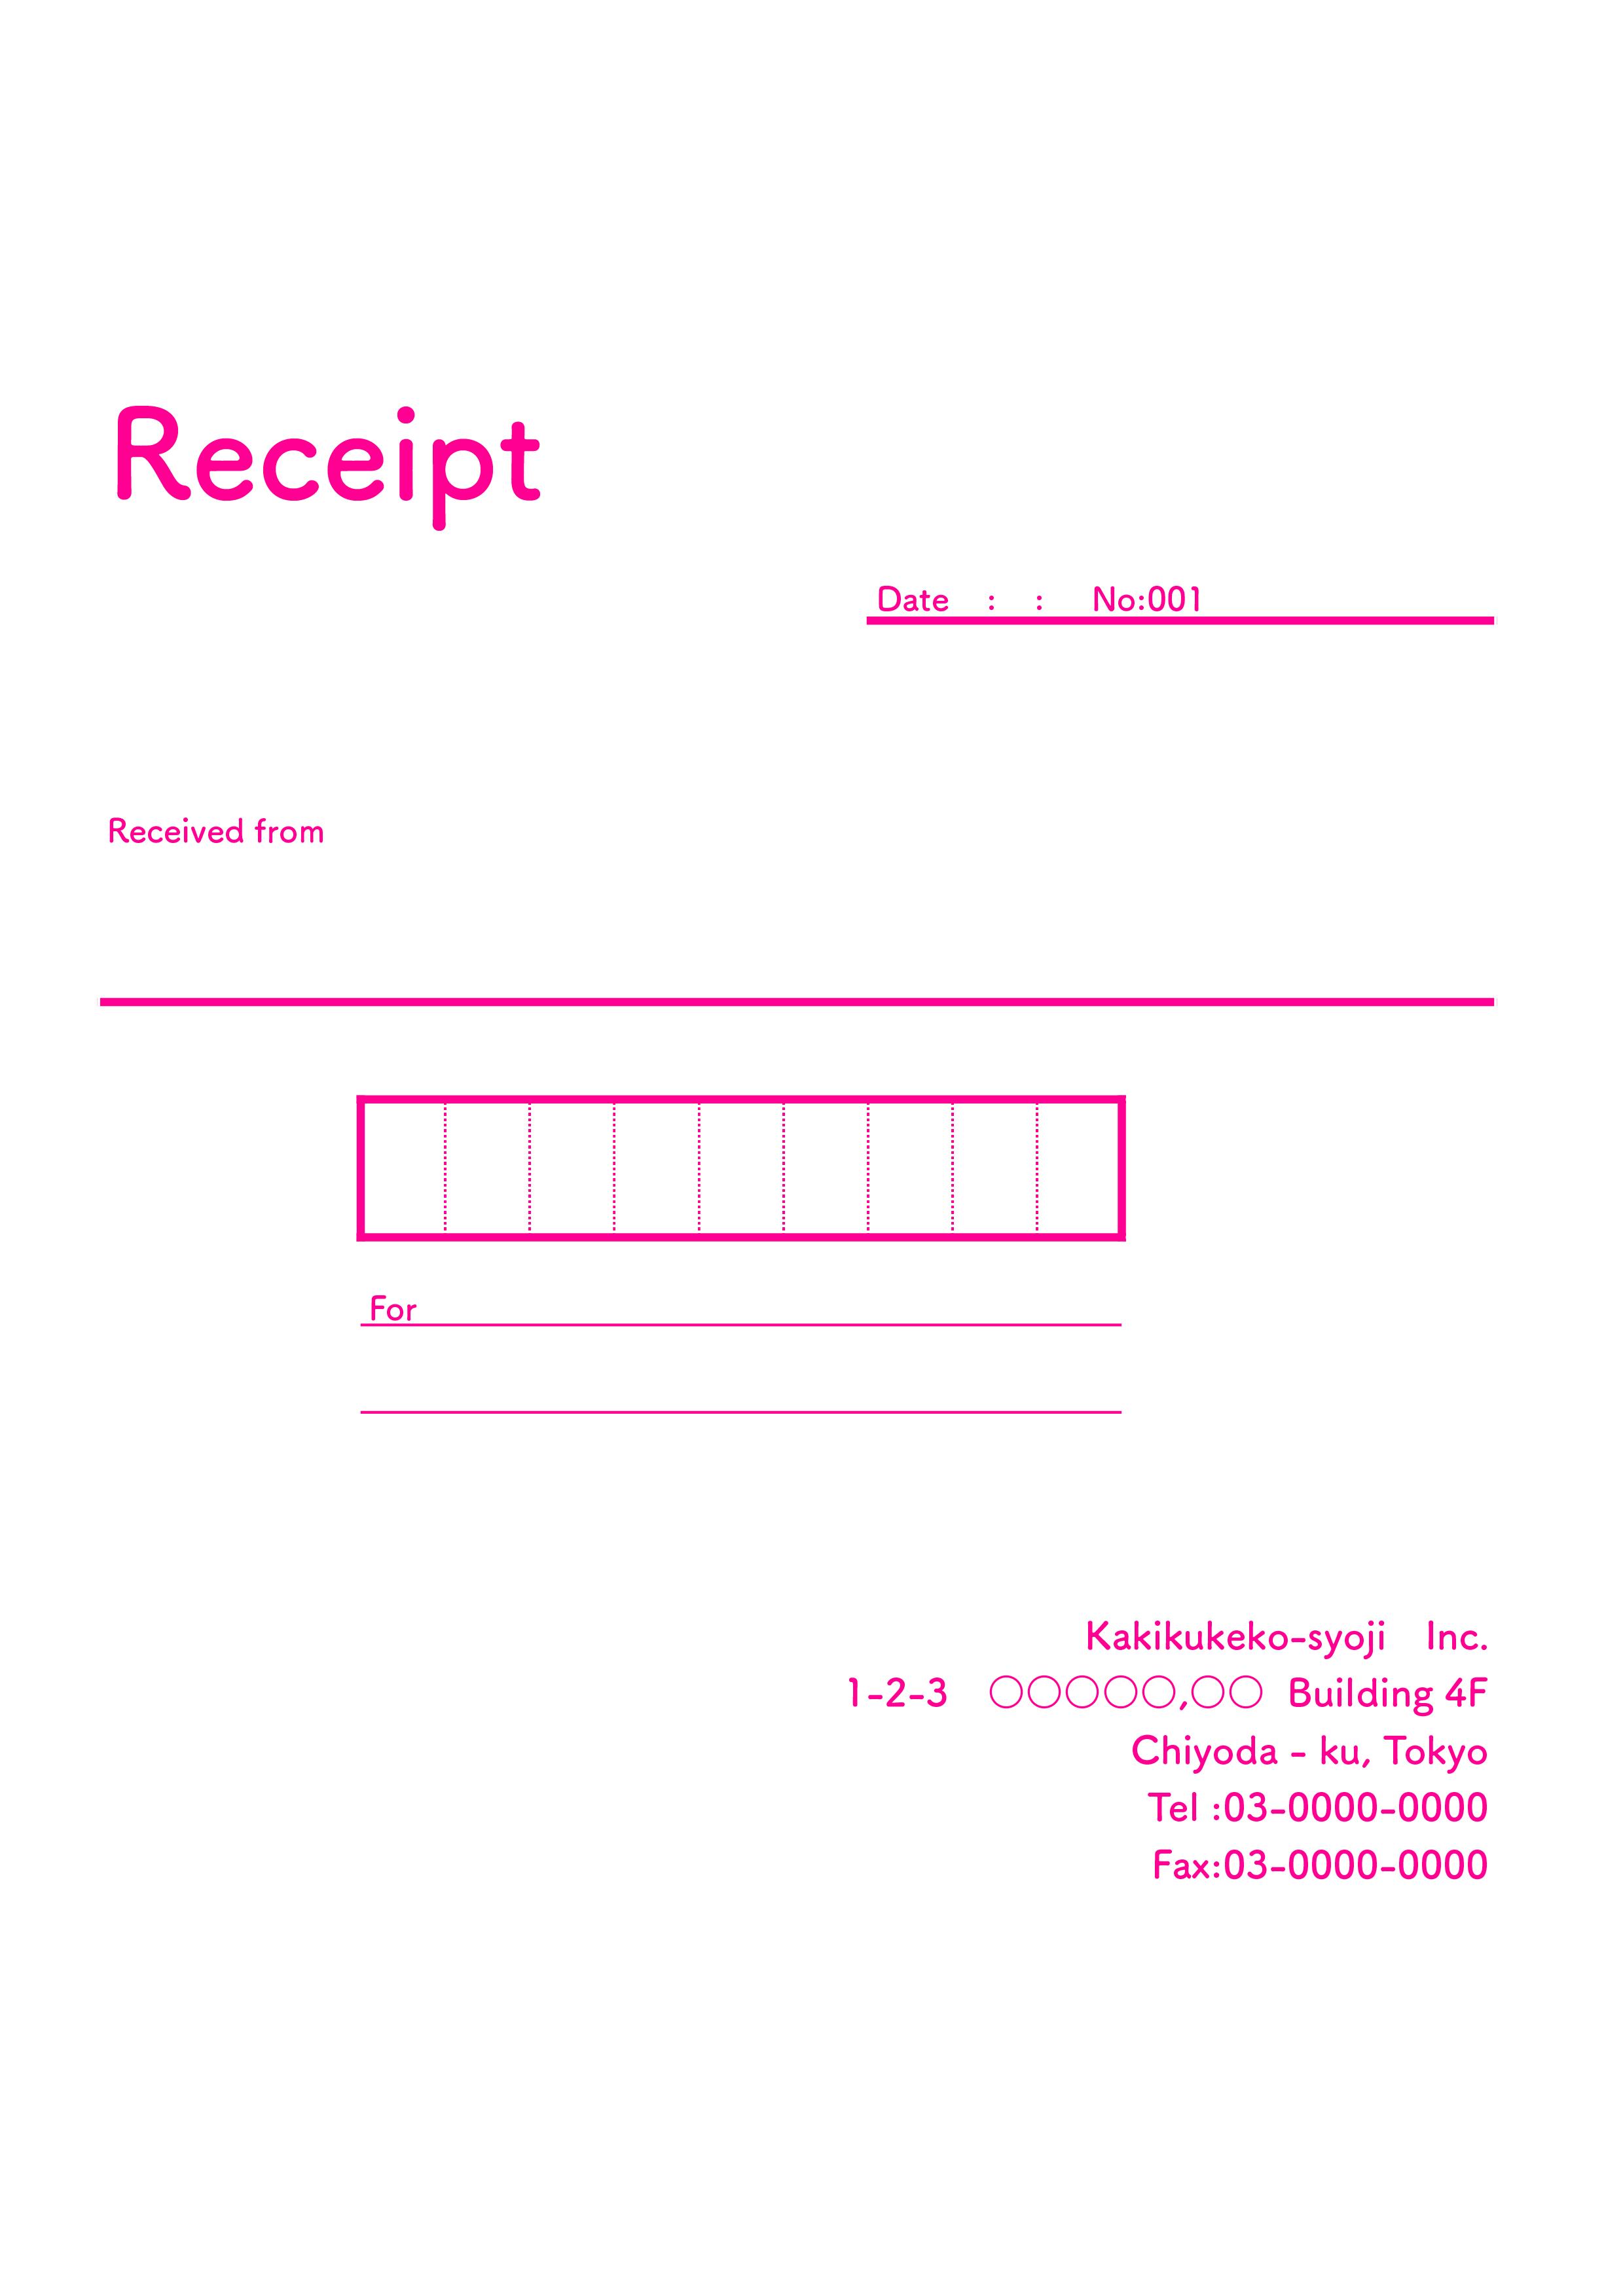 おしゃれな英字の領収書(Receipt)テンプレート(エクセル・ナンバーズ)A4 ピンク